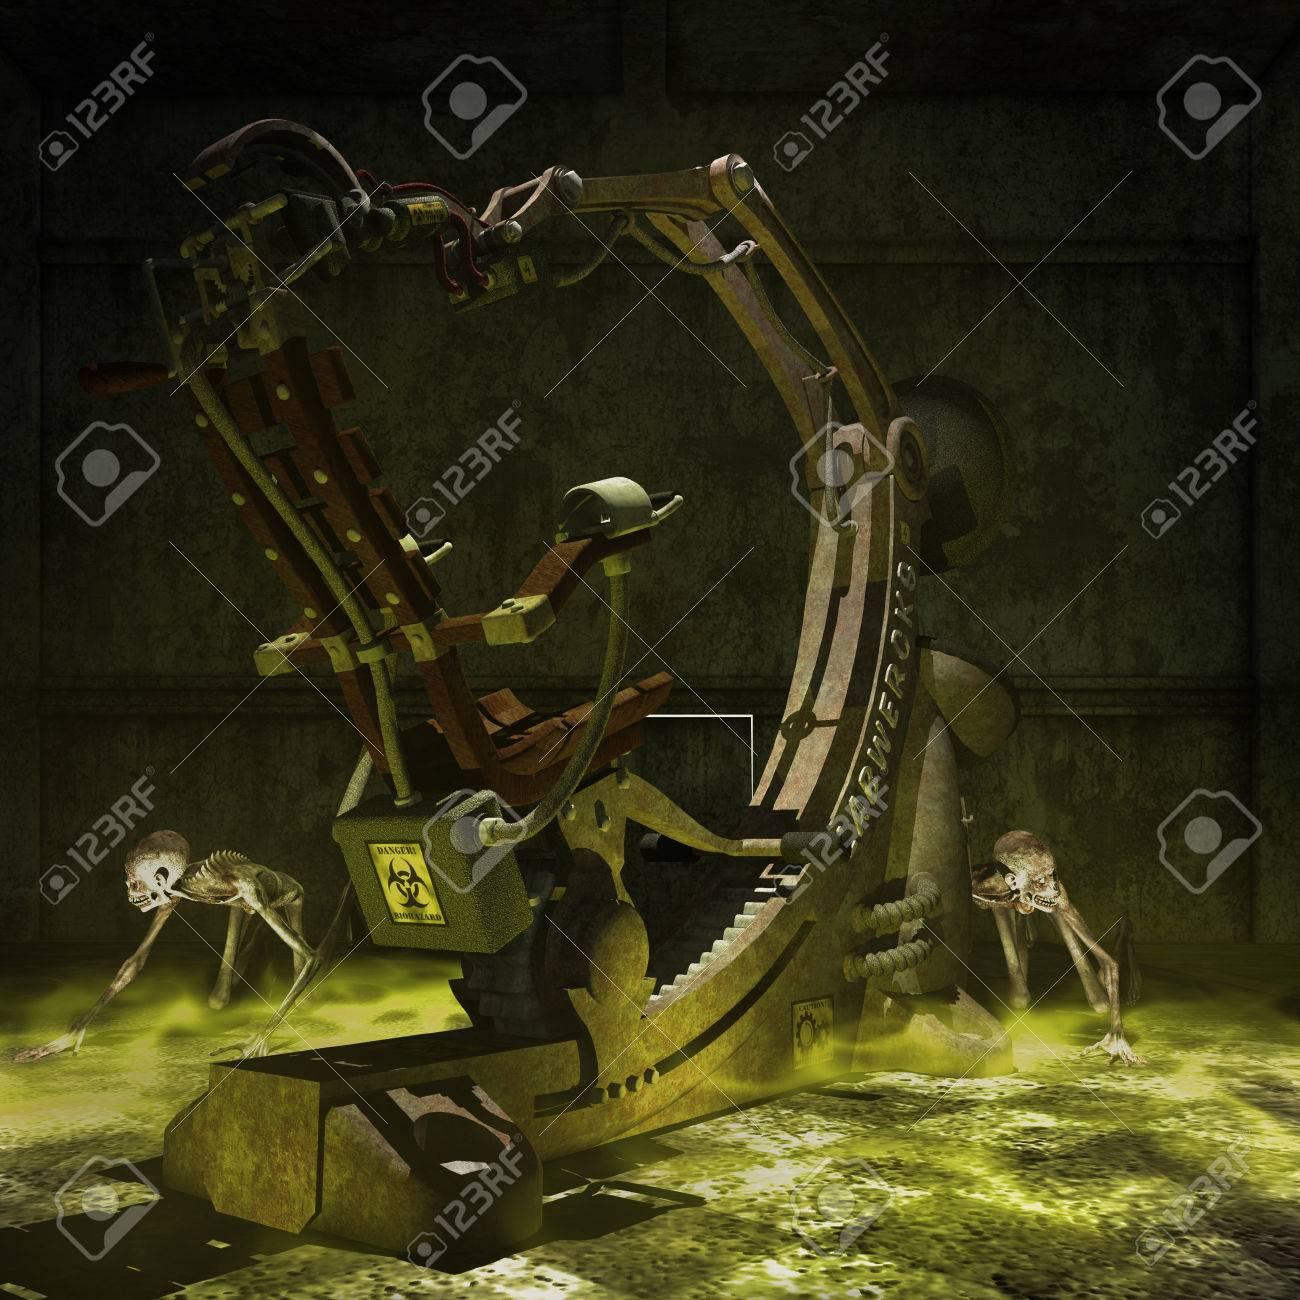 Dos zombis con vieja máquina oxidada médica en el cuarto oscuro